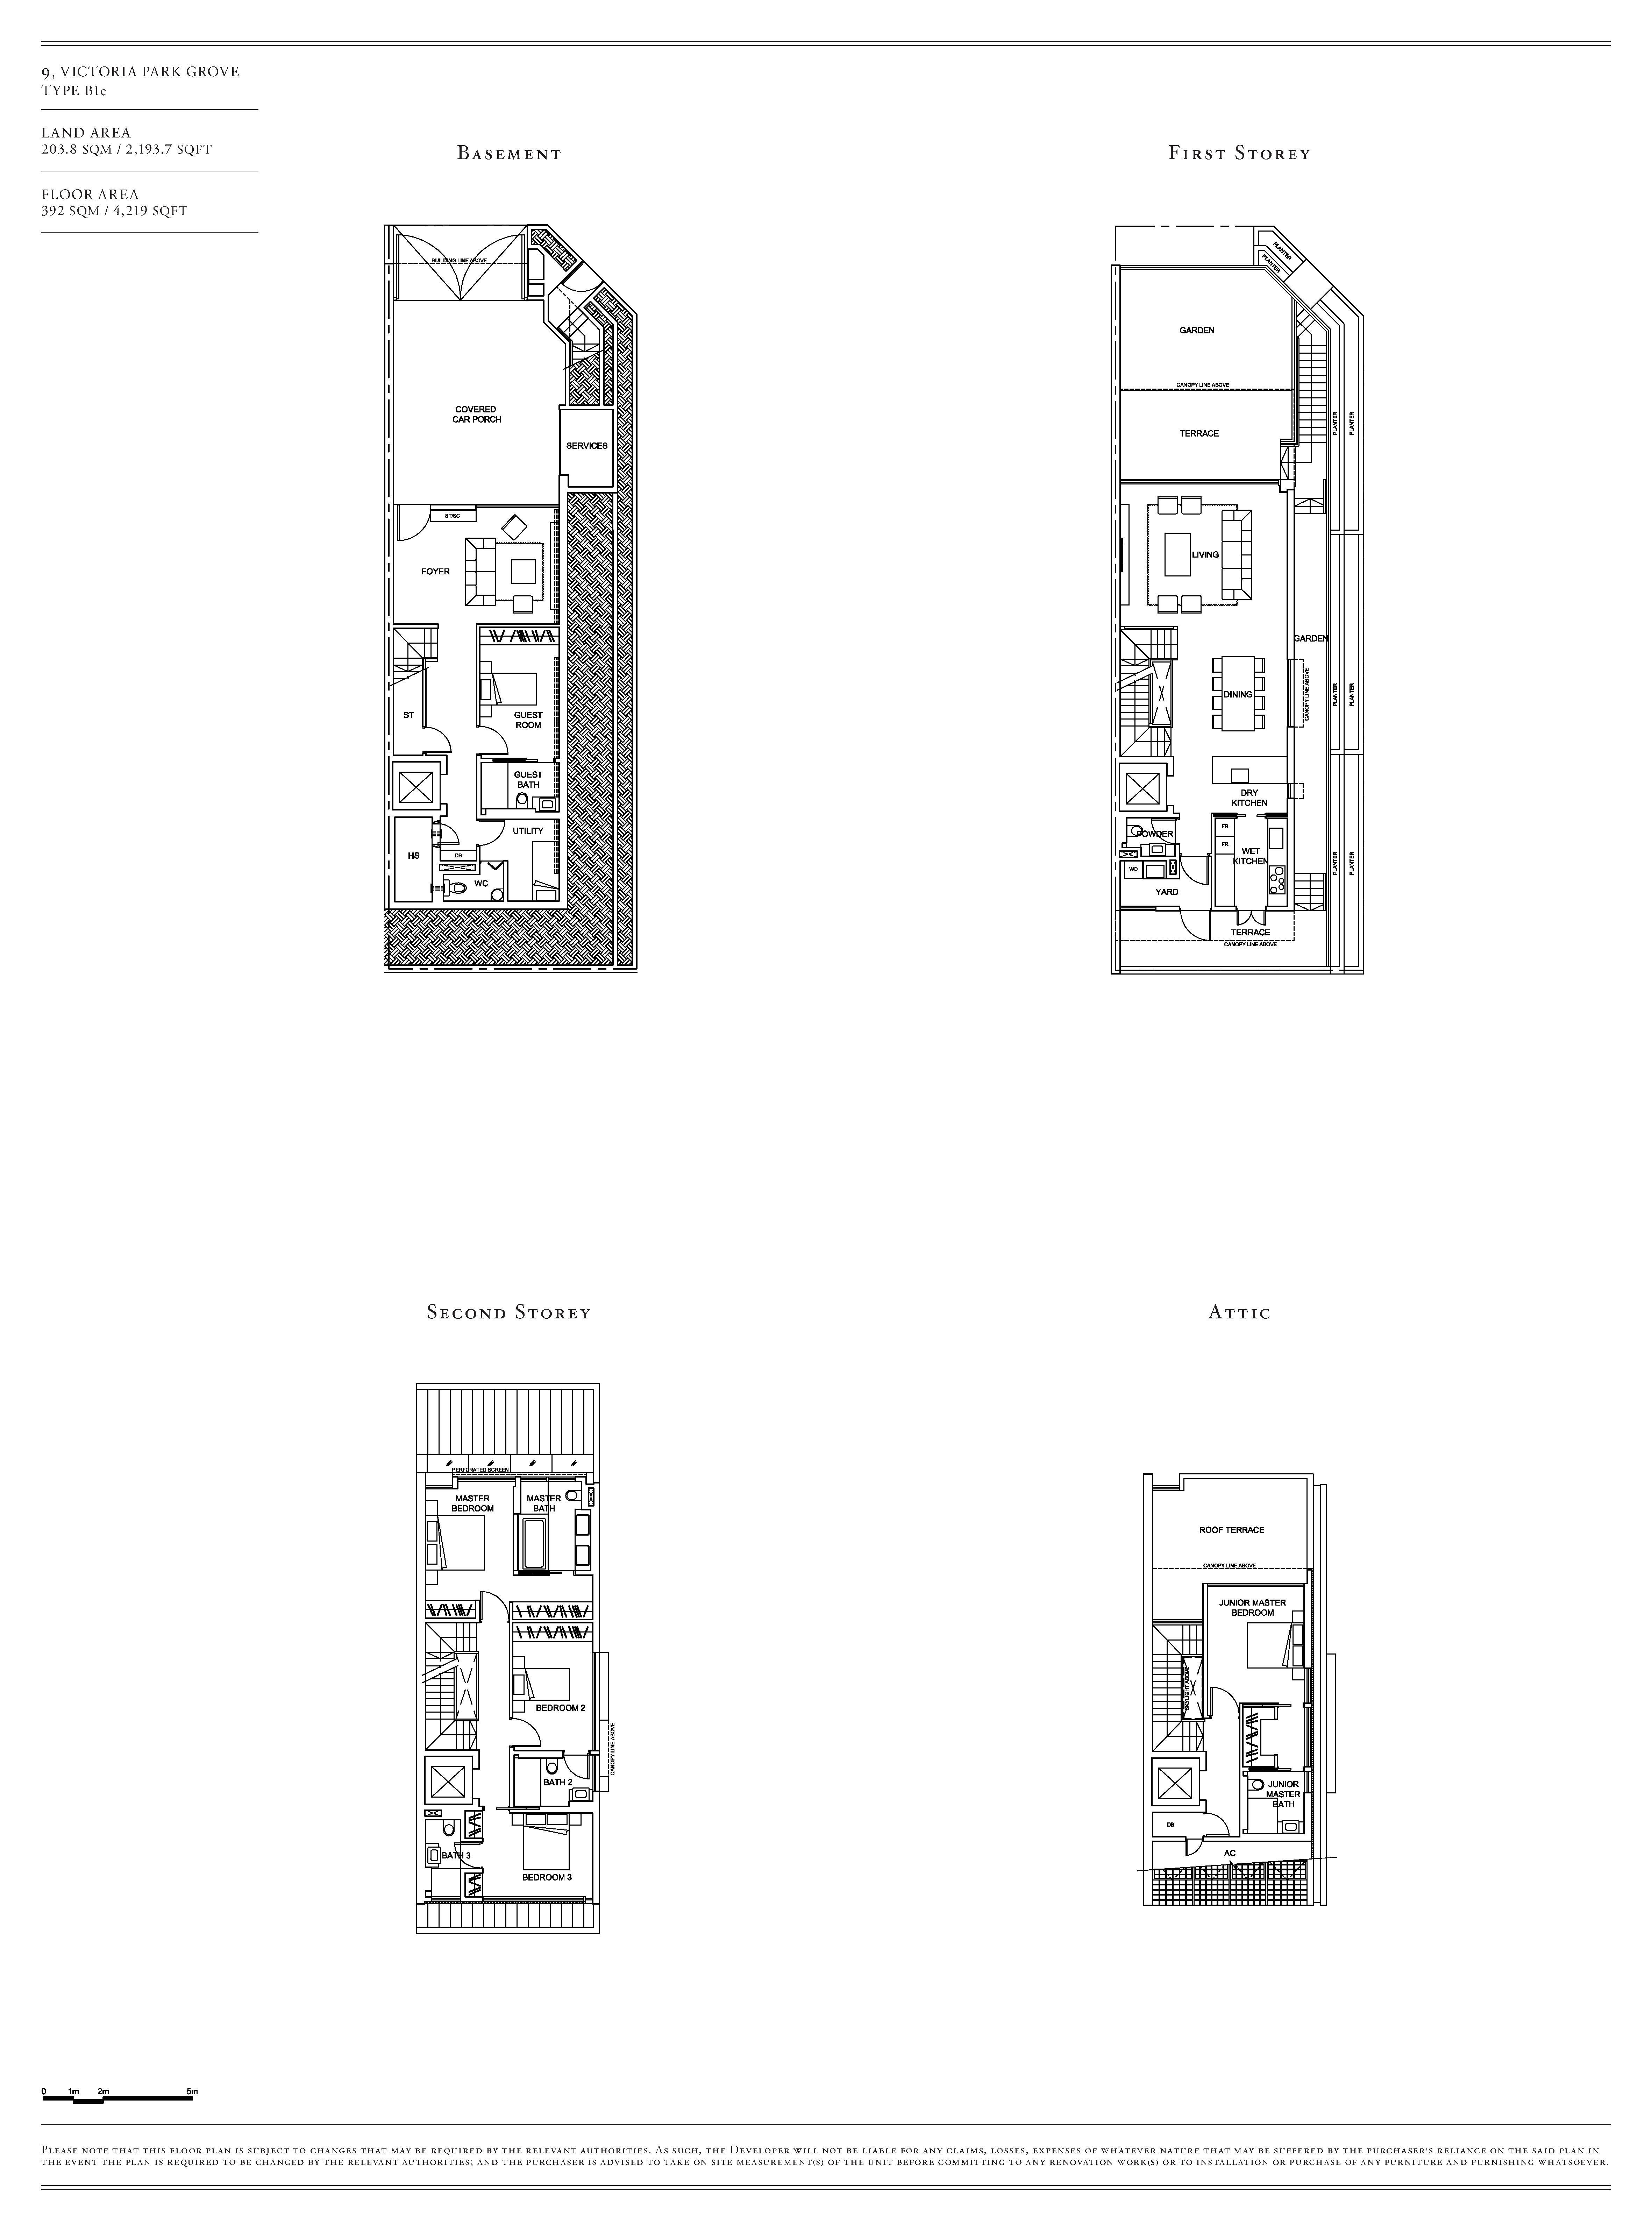 Victoria Park Villas House 9 Type B1e Floor Plans